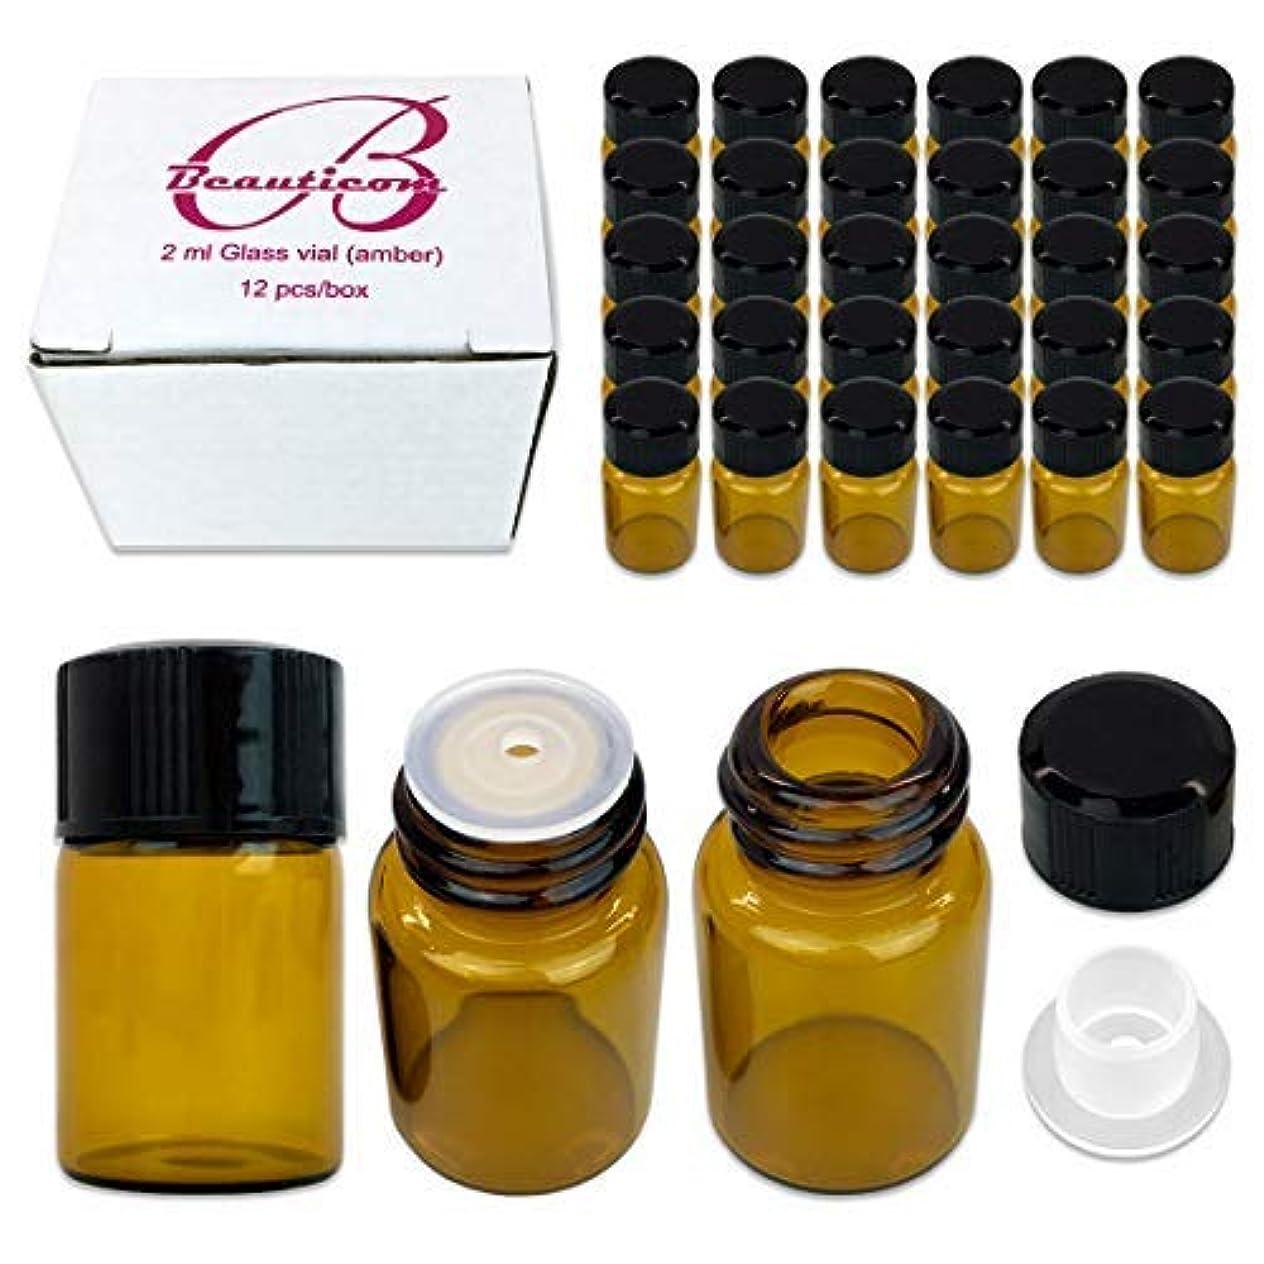 砂漠海藻市の中心部48 Packs Beauticom 2ML Amber Glass Vial for Essential Oils, Aromatherapy, Fragrance, Serums, Spritzes, with Orifice Reducer and Dropper Top [並行輸入品]